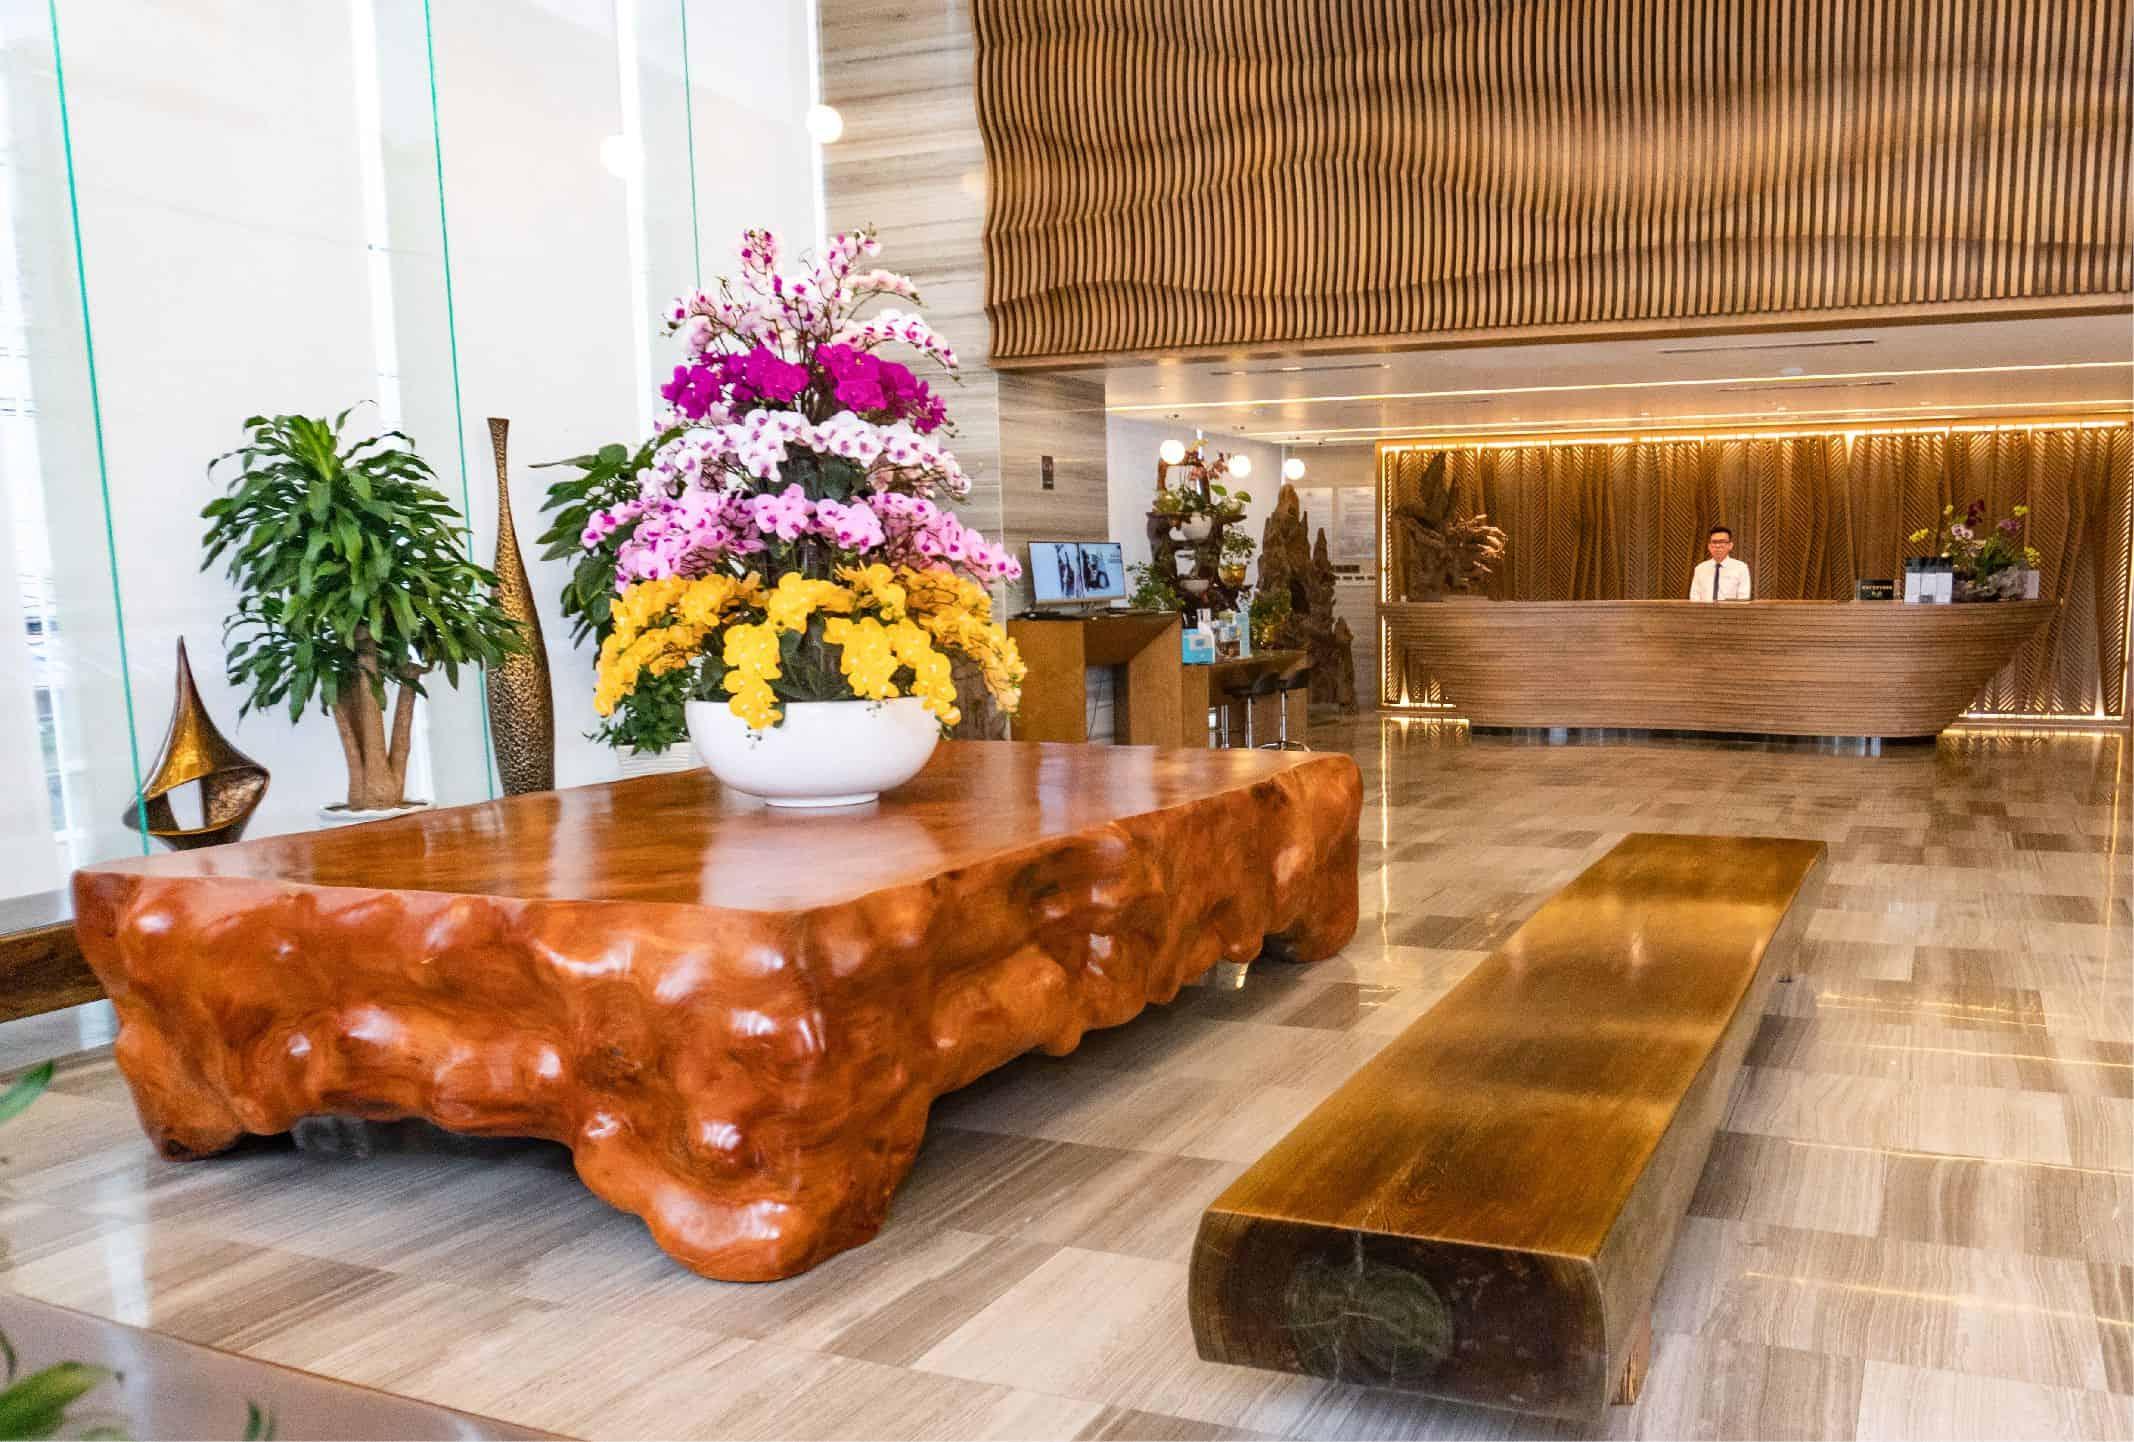 Những chi tiết nội thất bằng gỗ tự nhiên vừa mang đến vẻ sang trọng lại gần gũi và thân thiện.